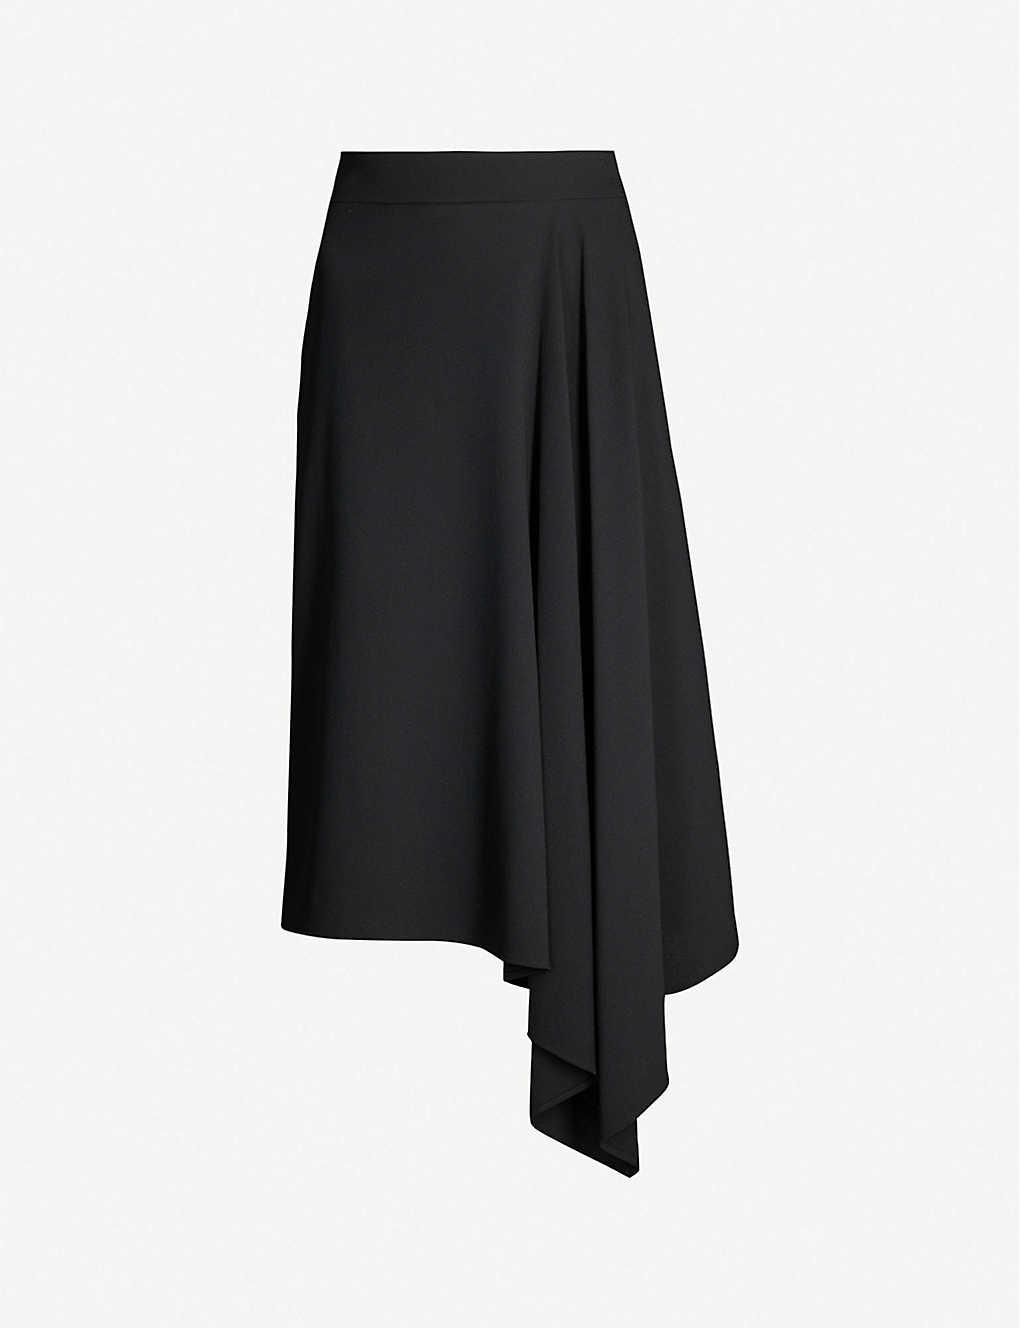 ebce75d6b0 ALEXANDER MCQUEEN - Draped asymmetric wool-blend midi skirt ...